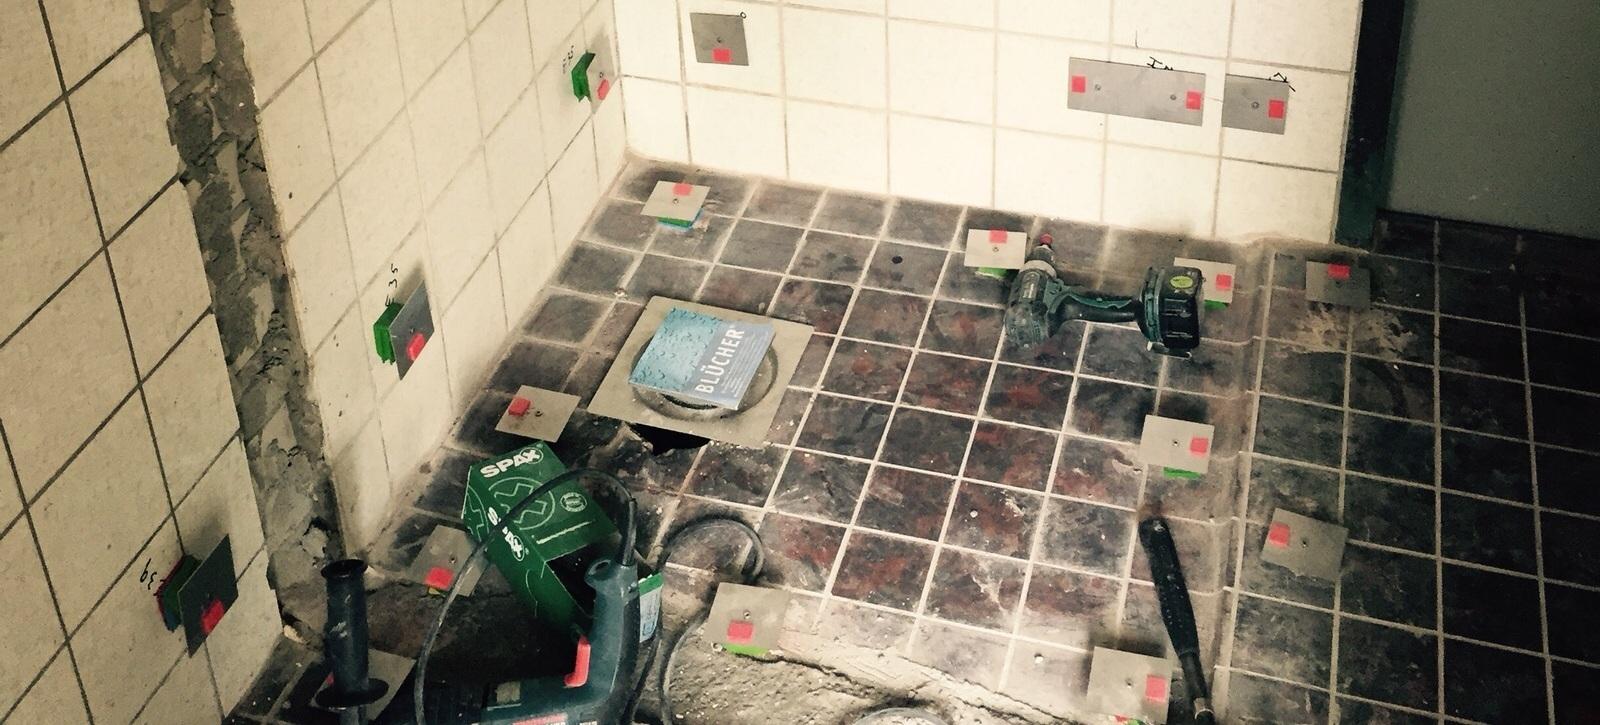 Wits Noord plaatst compleet glazen badkamers • SchildersVAK.nl